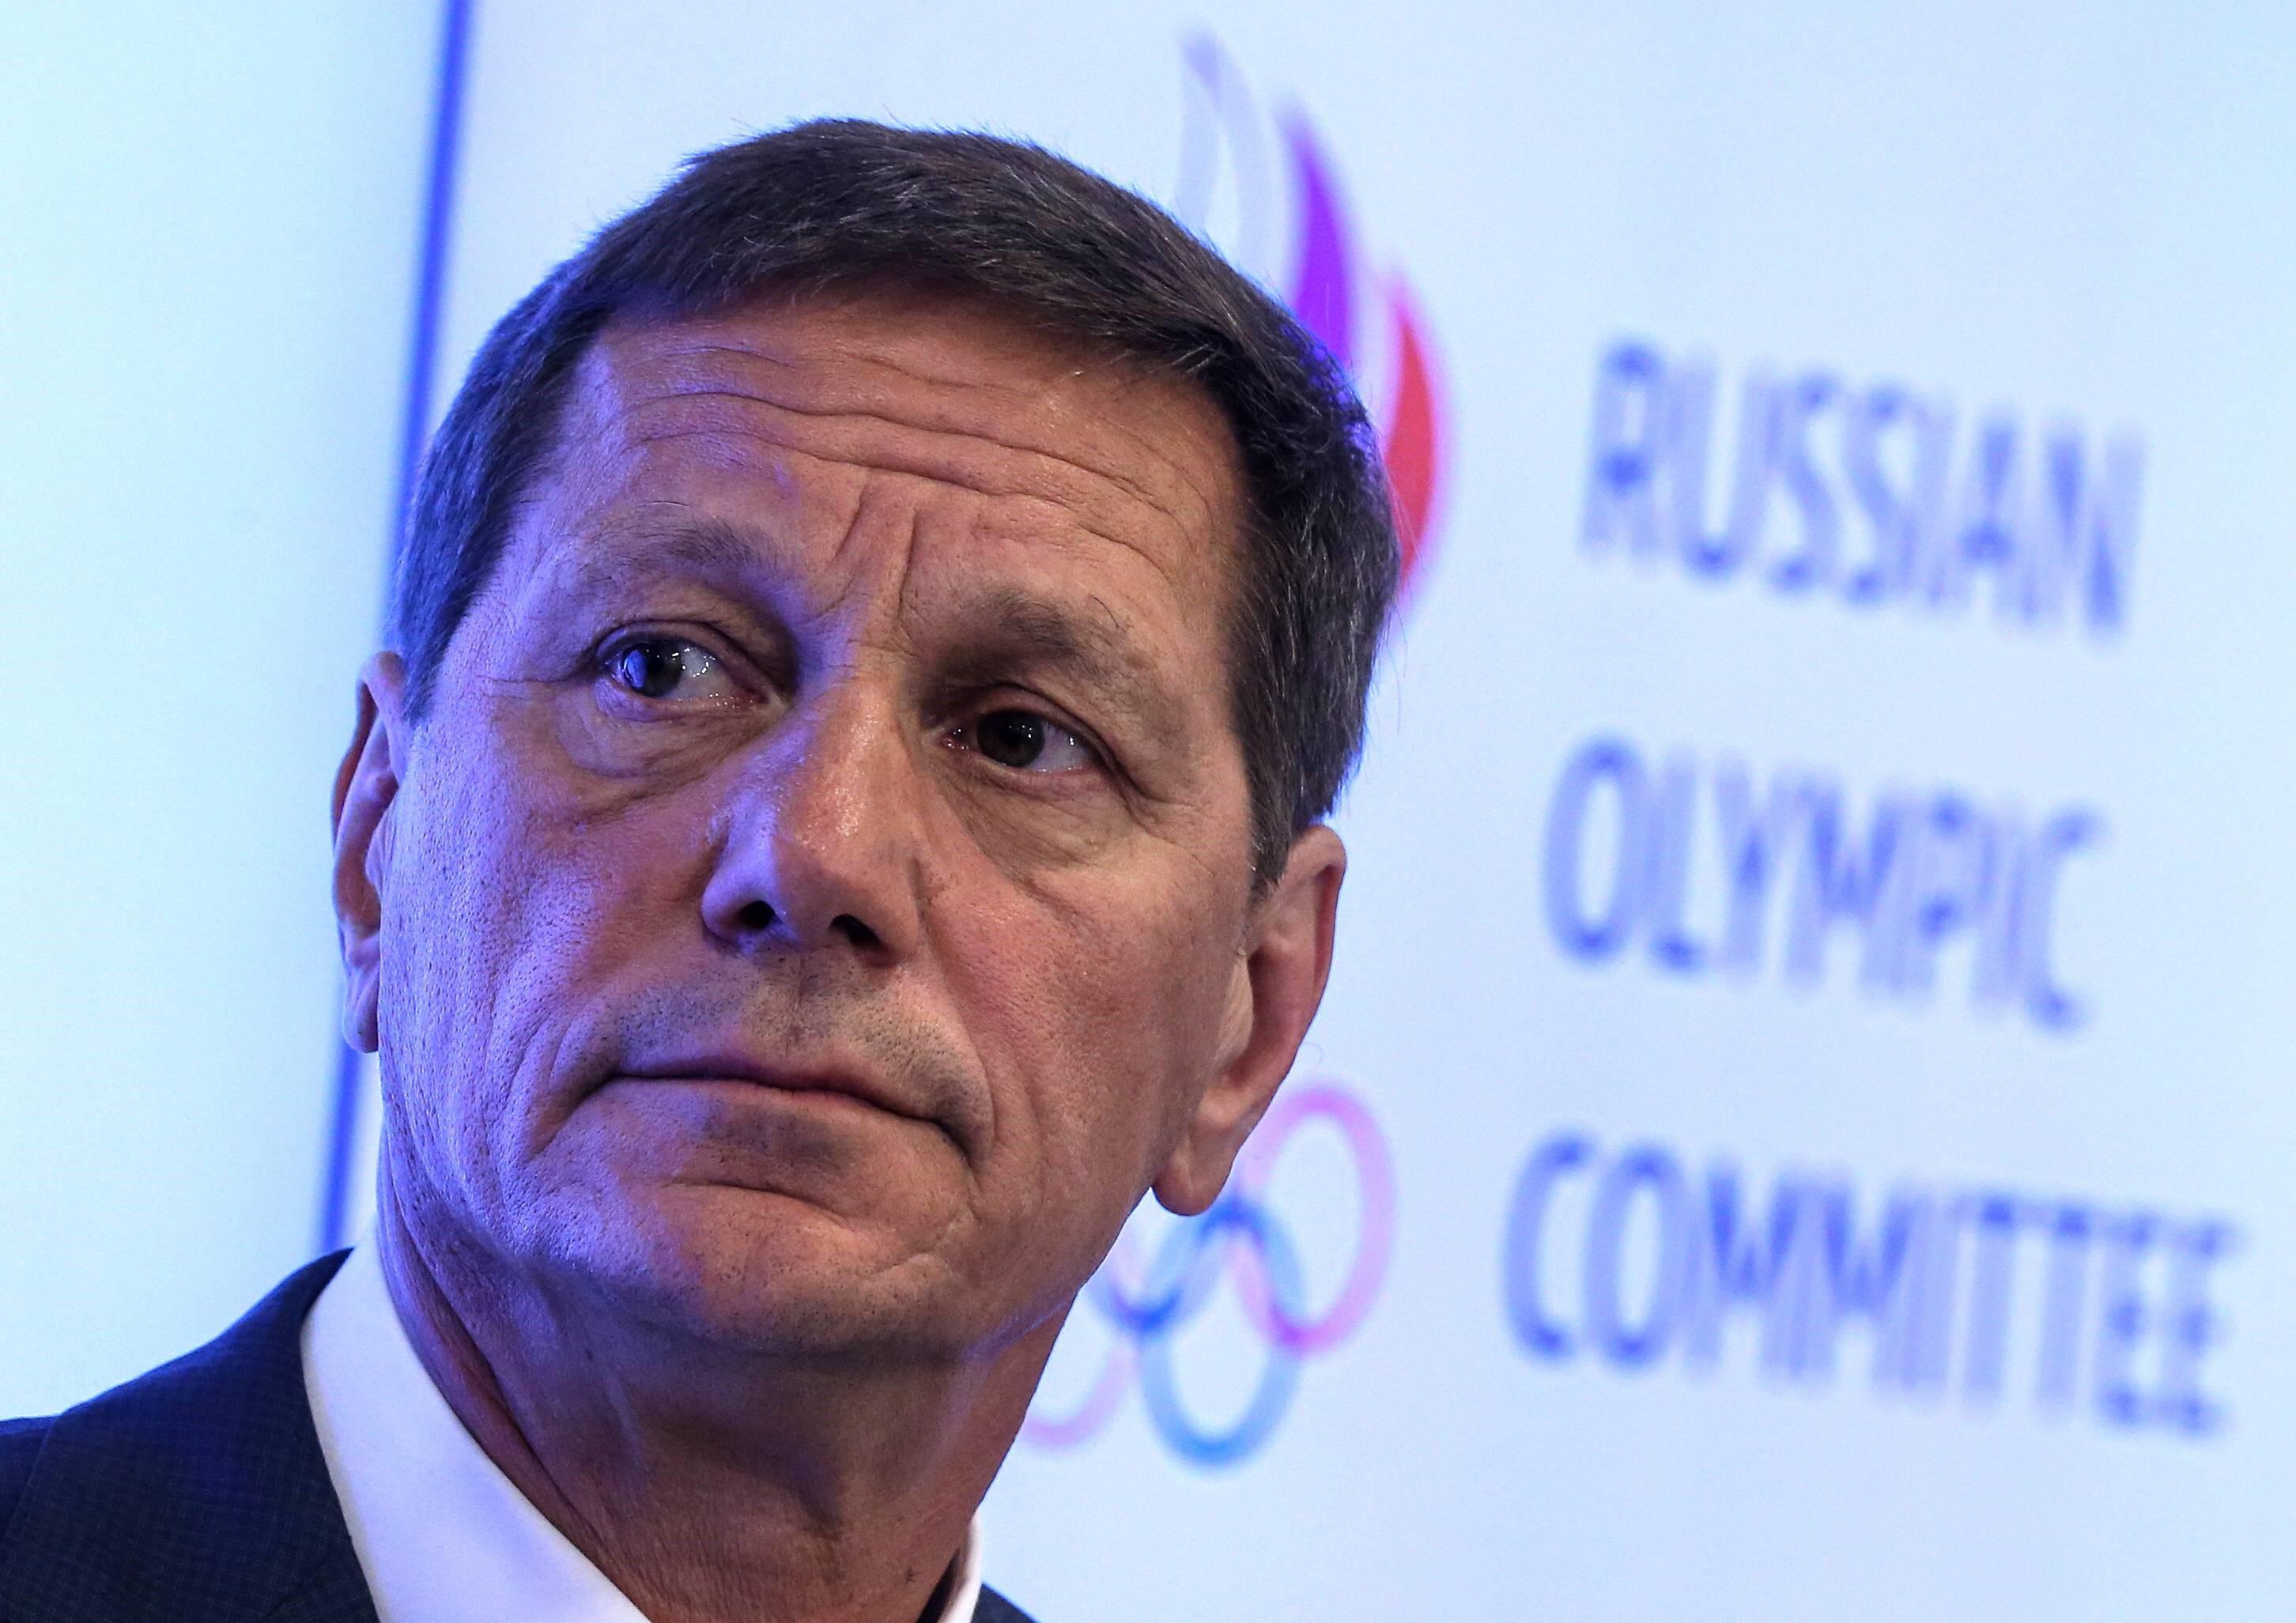 Alexander Zhukov vom russischen Olympischen Kommitee